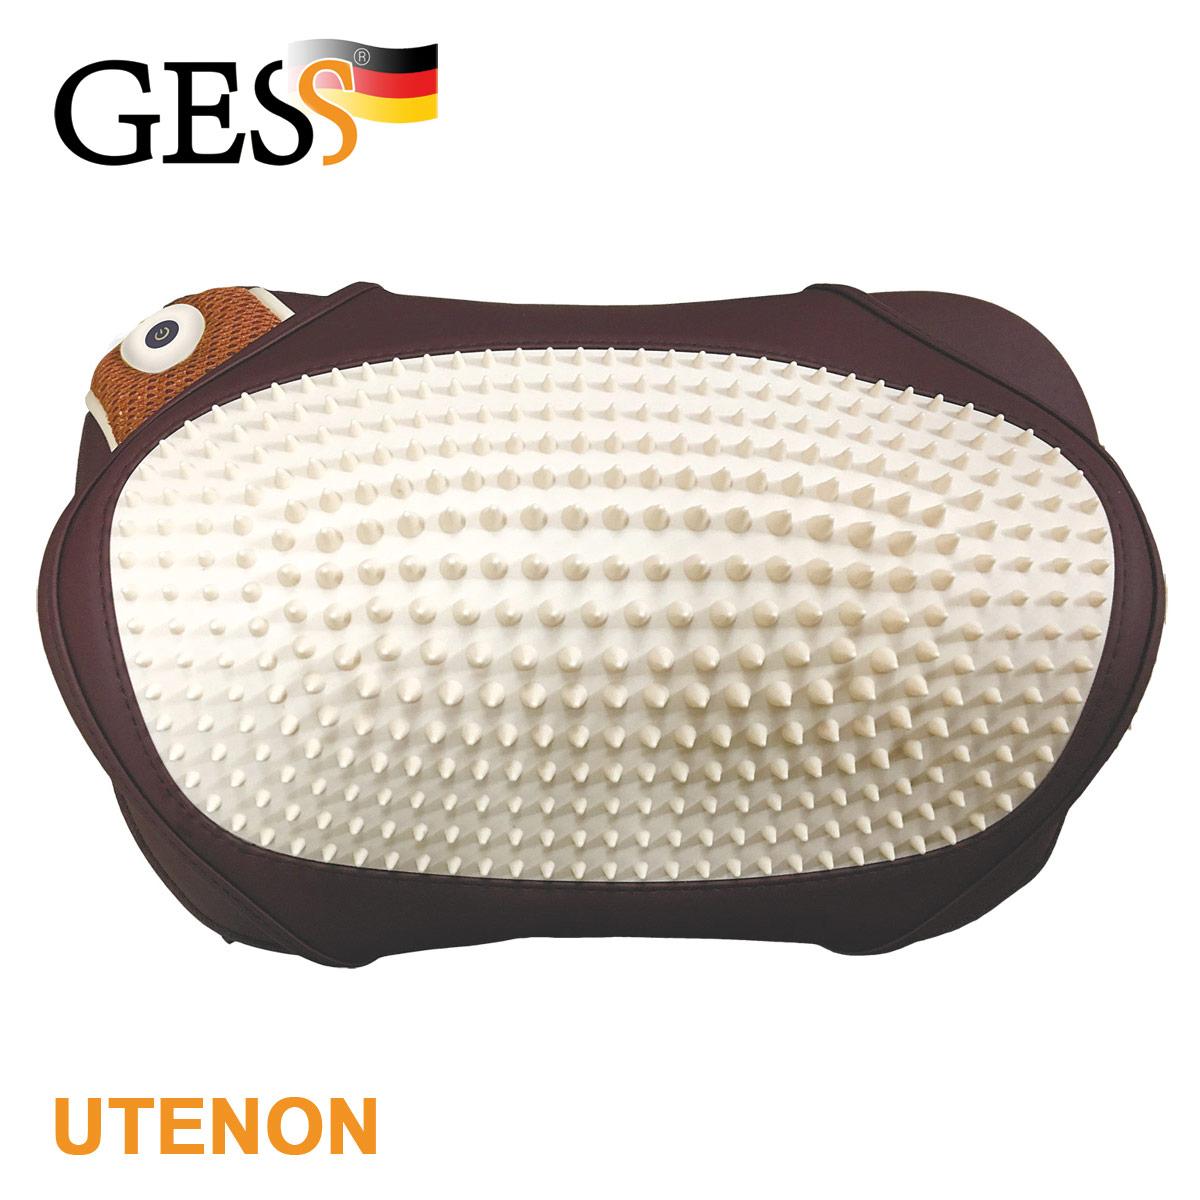 Массажная подушка Gess uTenon